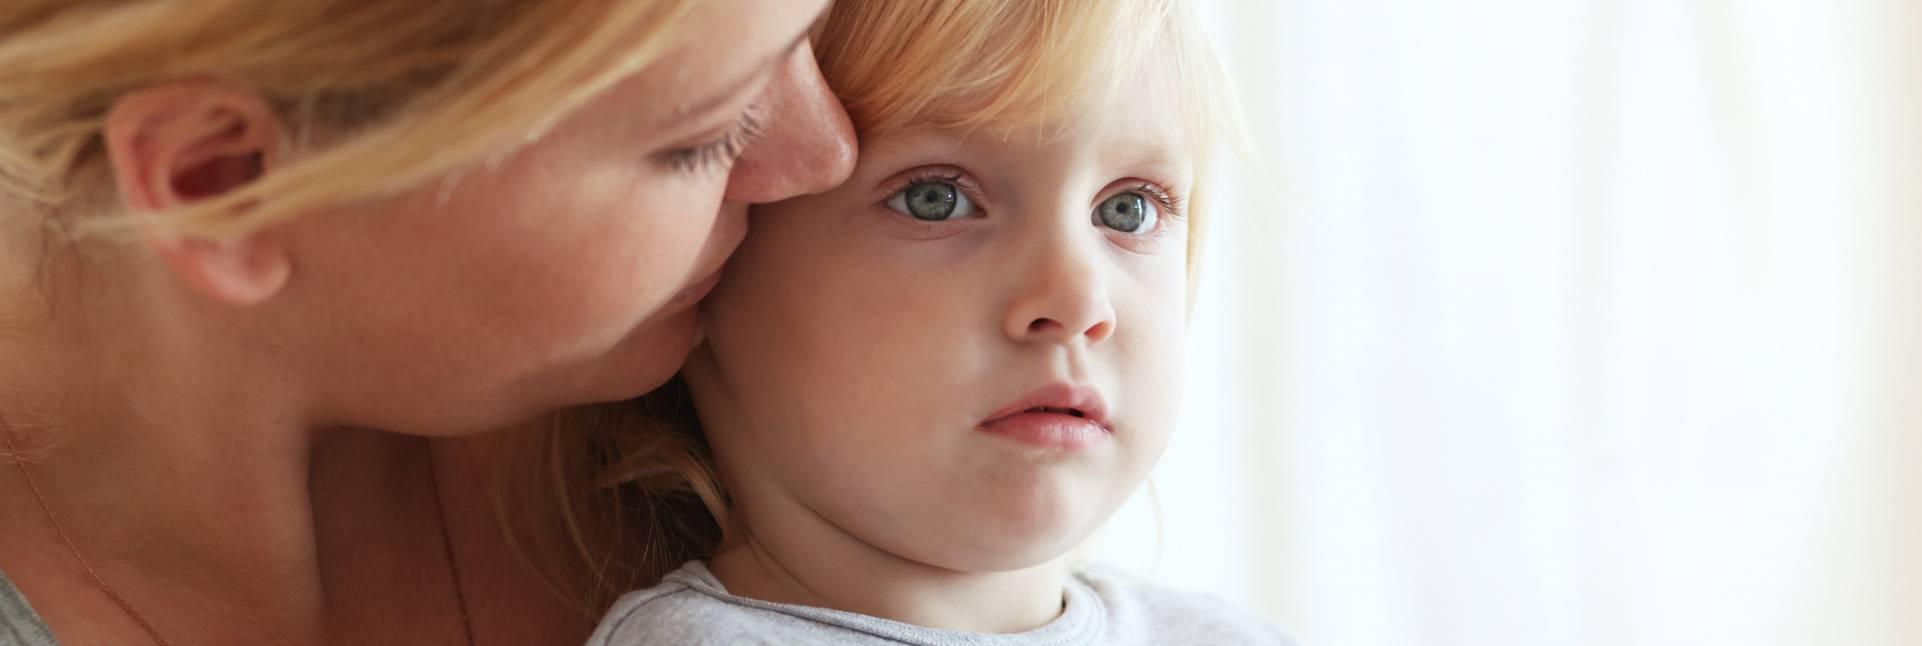 5 consejos prácticos a seguir después de un golpe en la cabeza en niños